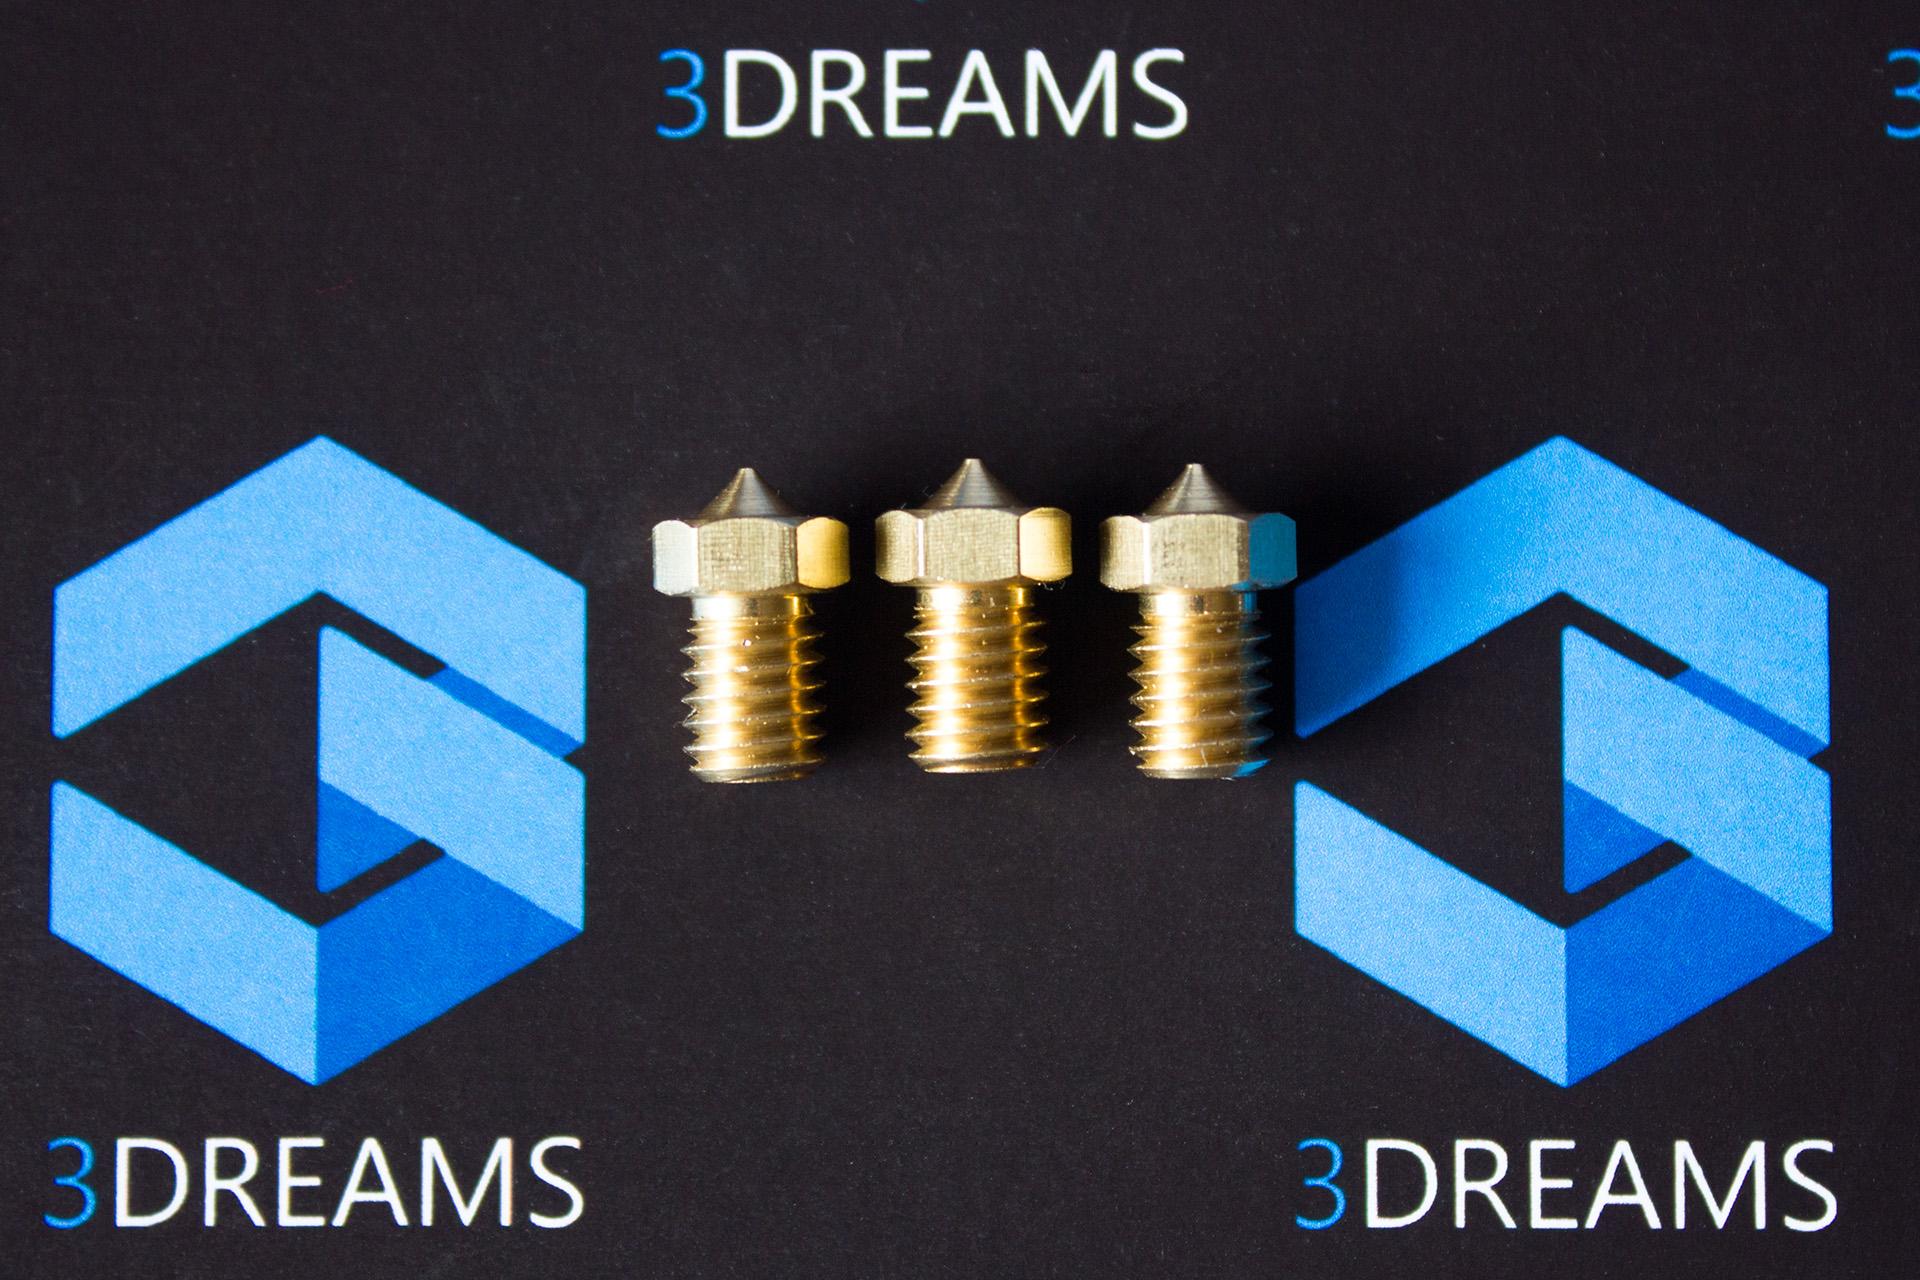 Сопло для 3D принтера (экструдер MK8) купить украина 2